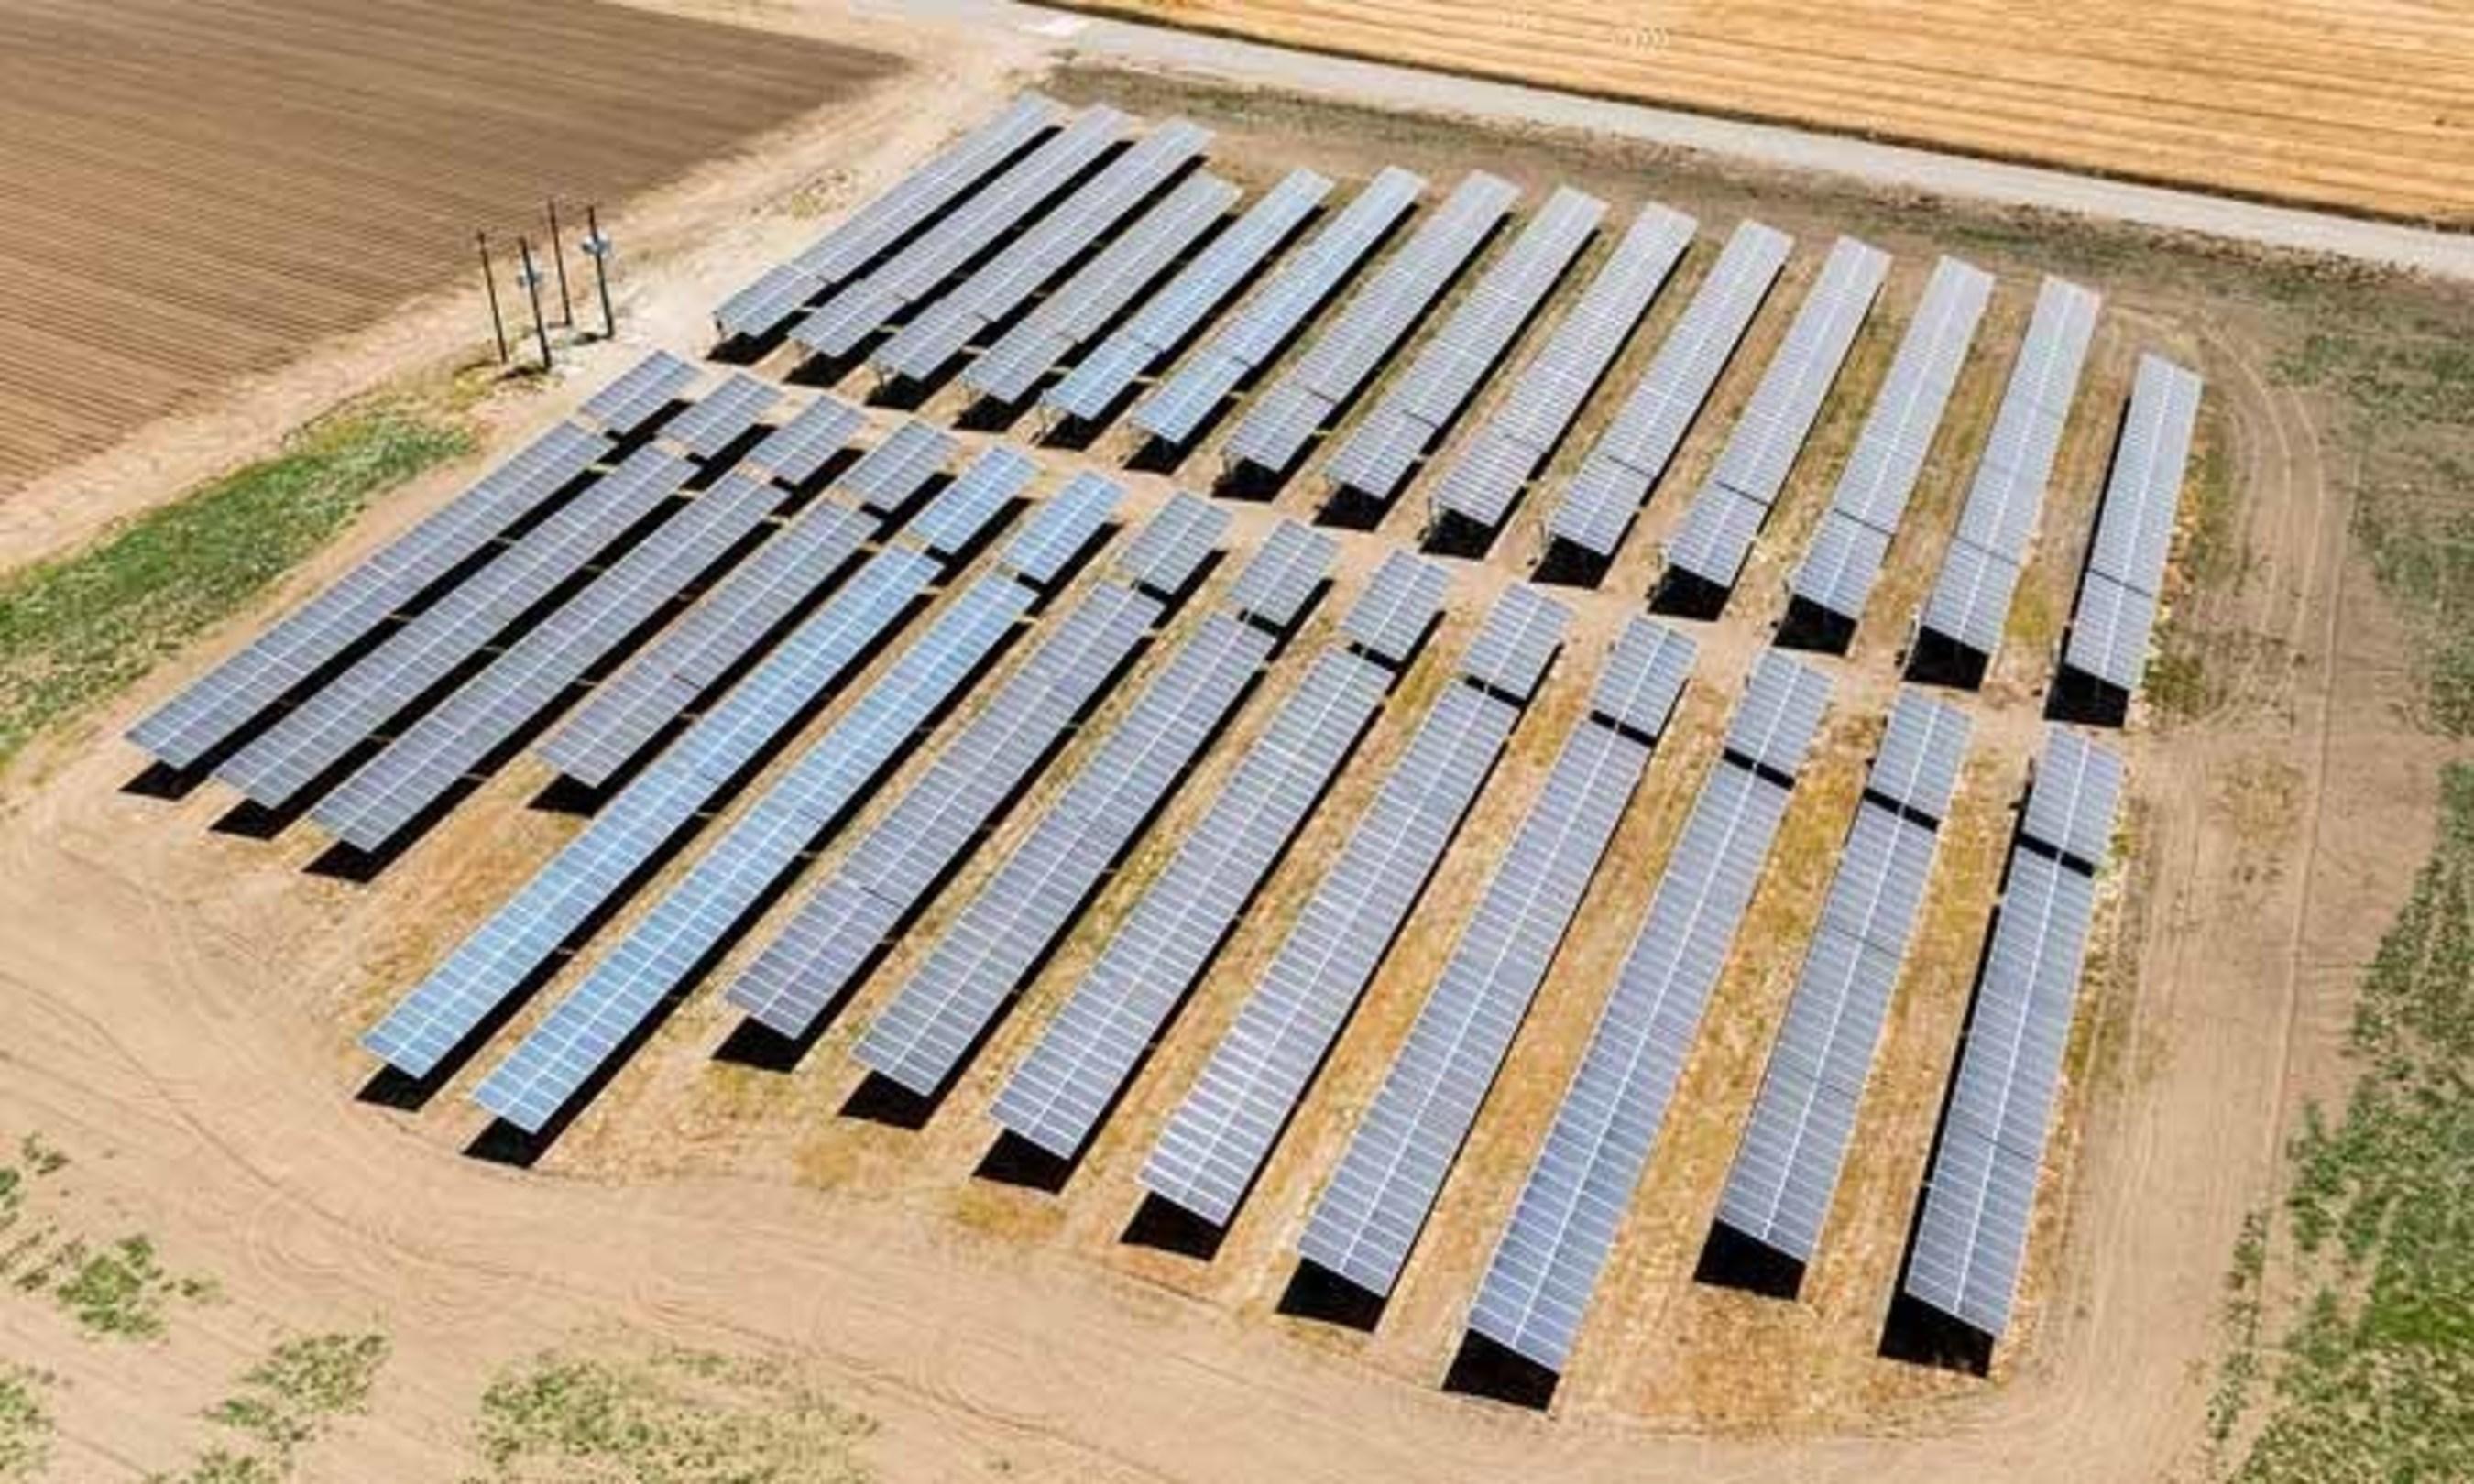 Uesugi Farms 792kW solar system installed by Vista Solar (PRNewsFoto/Vista Solar Inc.)